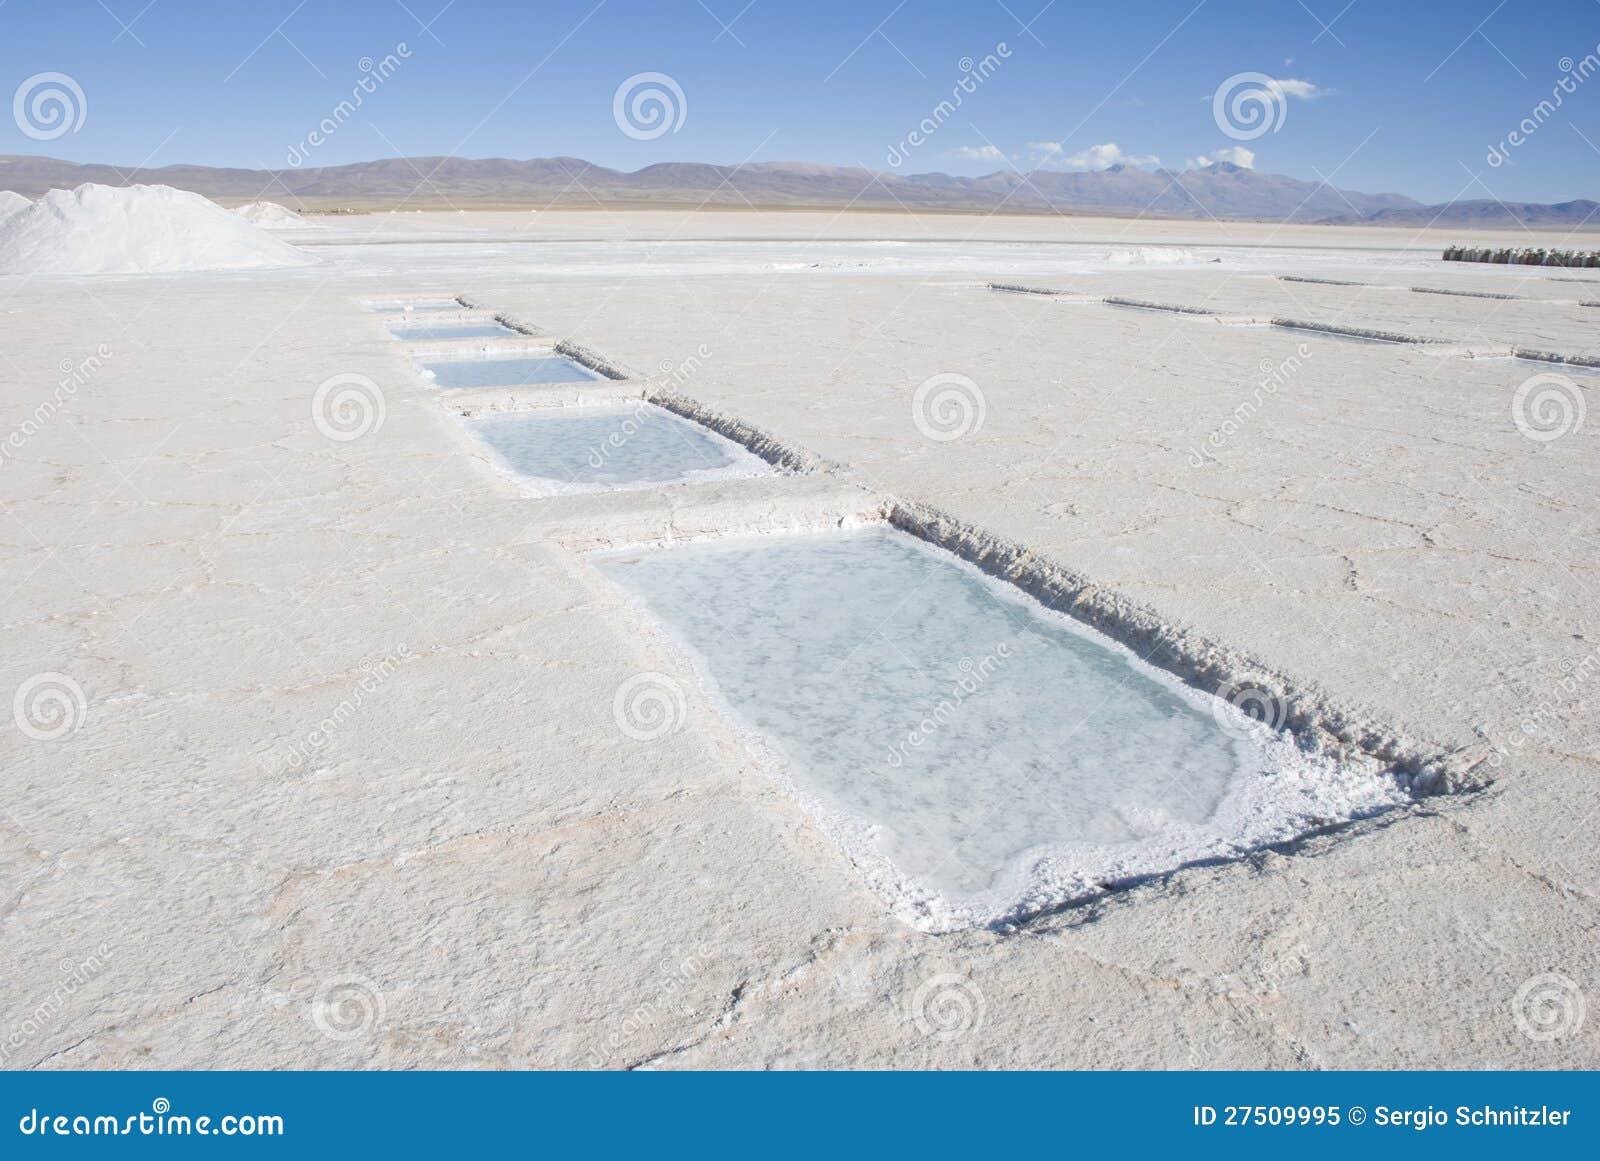 Piscinas de la extracci n de la sal foto de archivo libre for Piscinas de sal